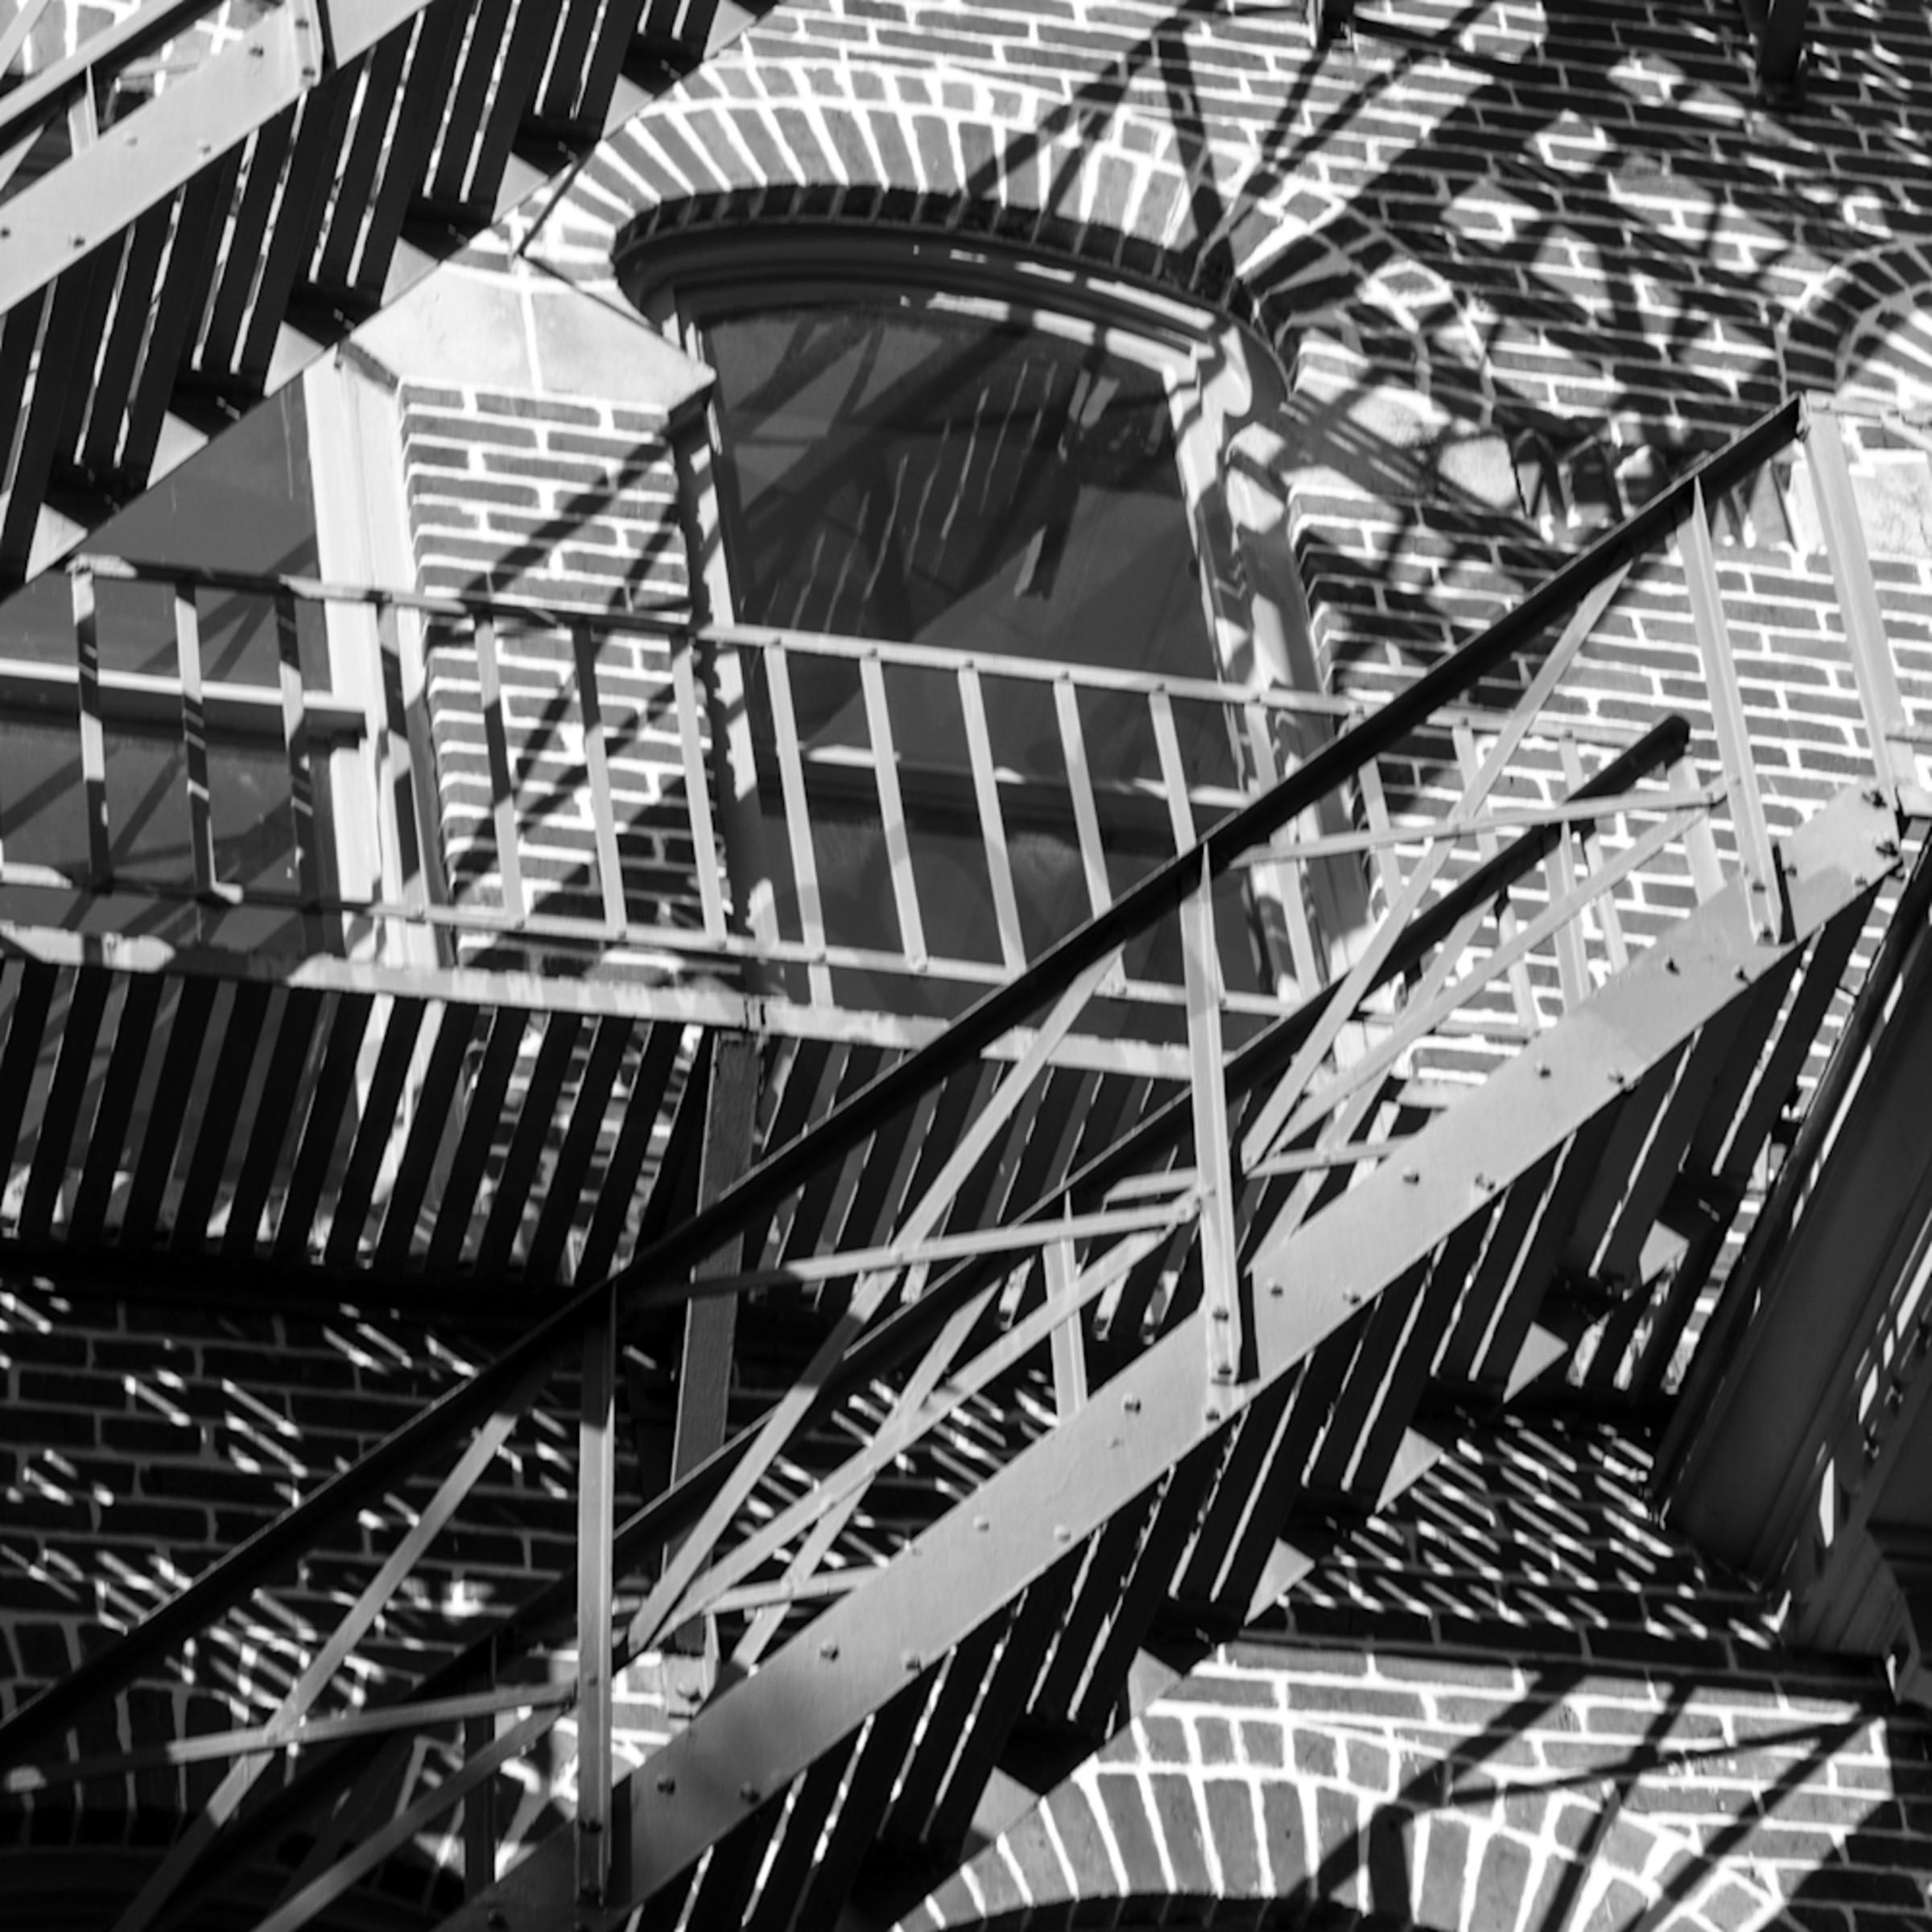 Stairs c5u0u1